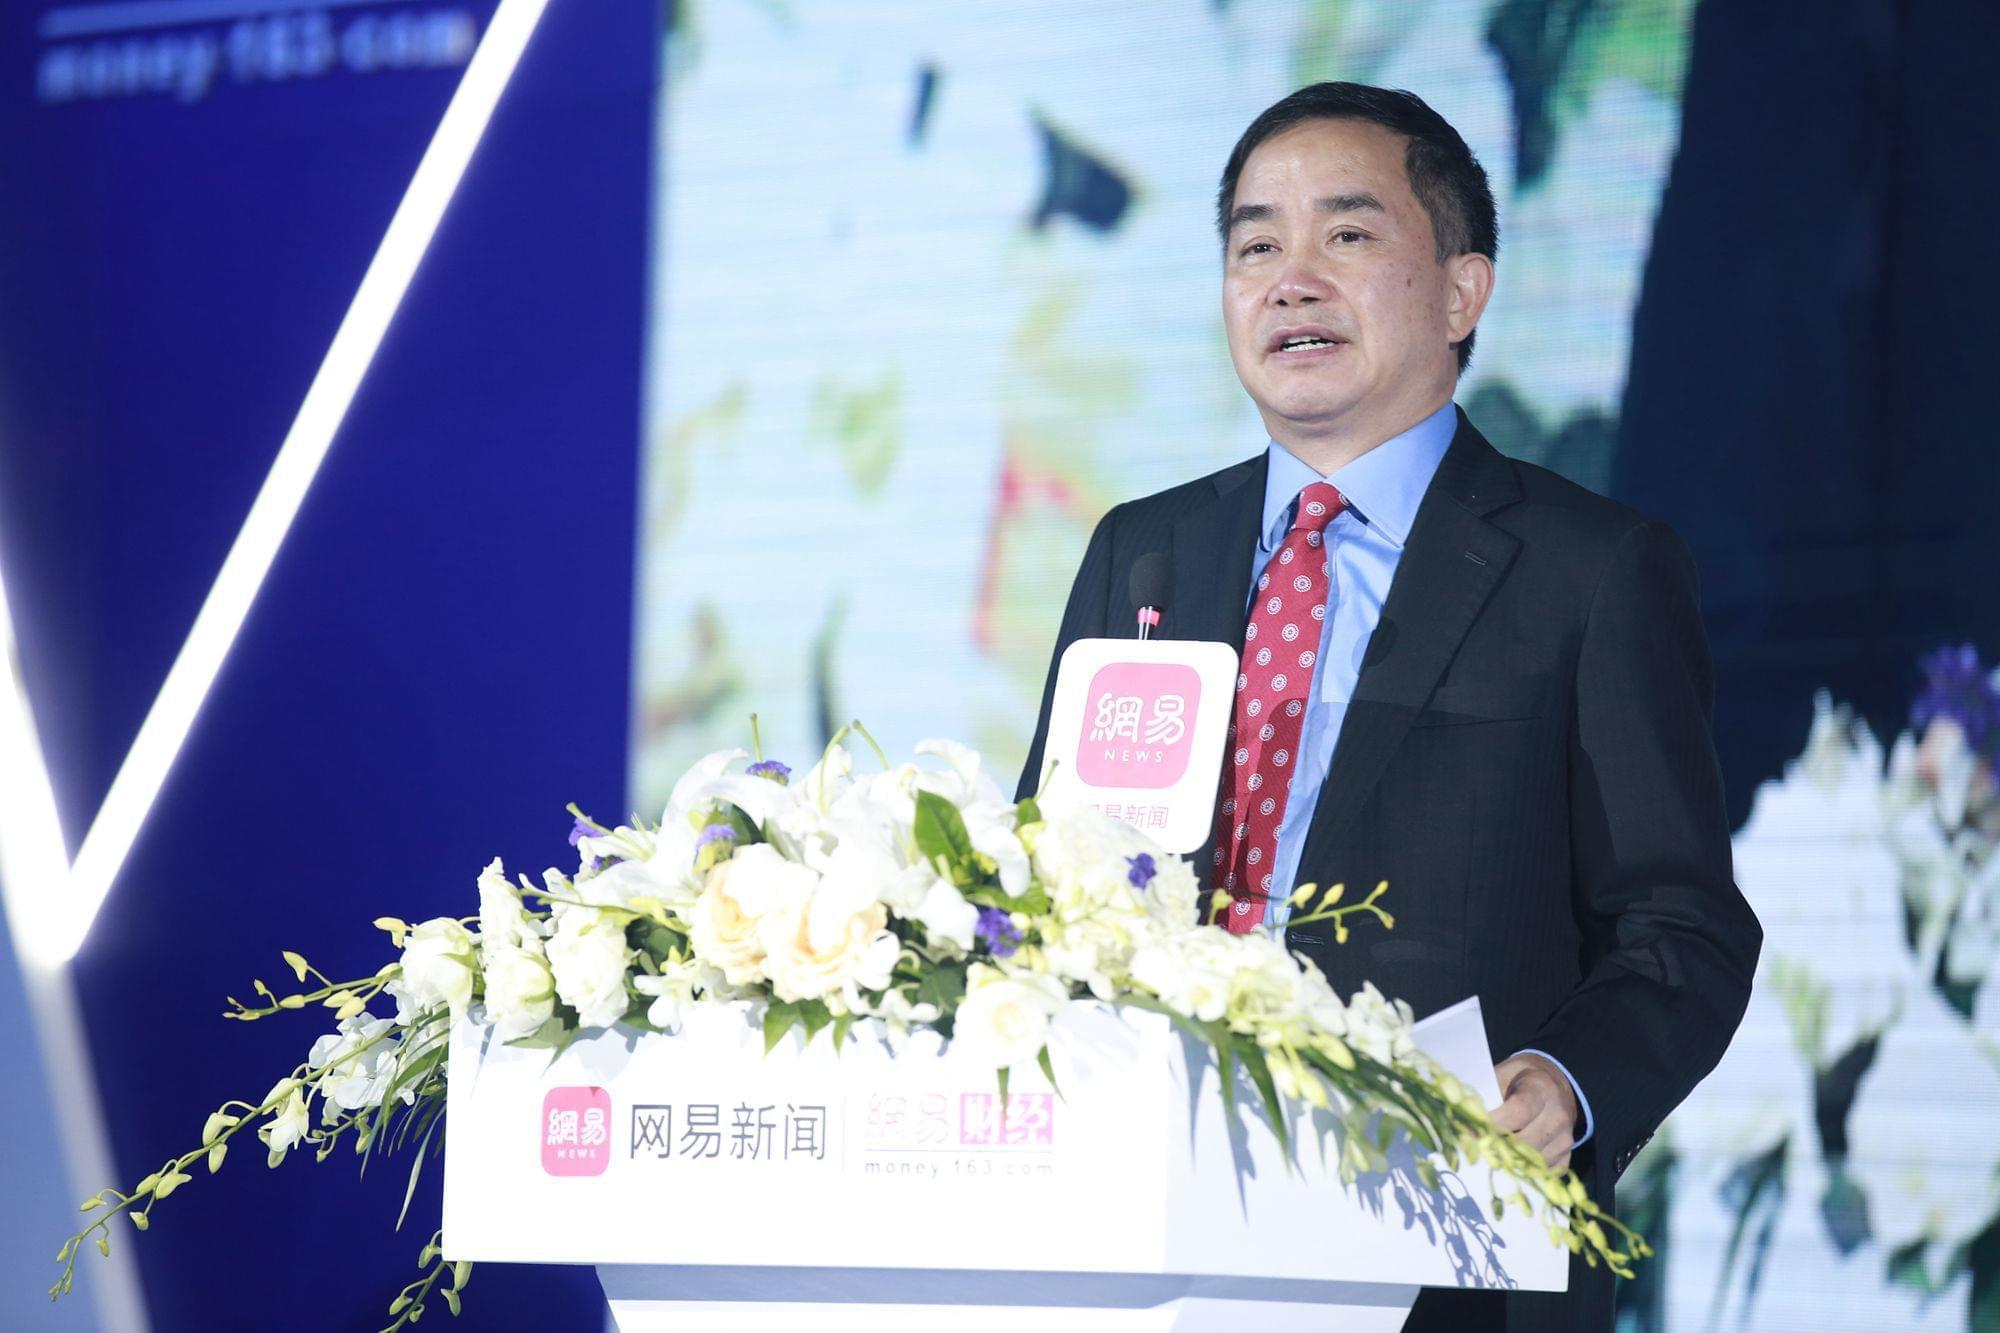 陈志武:让中国民企实现长寿的办法只有法治